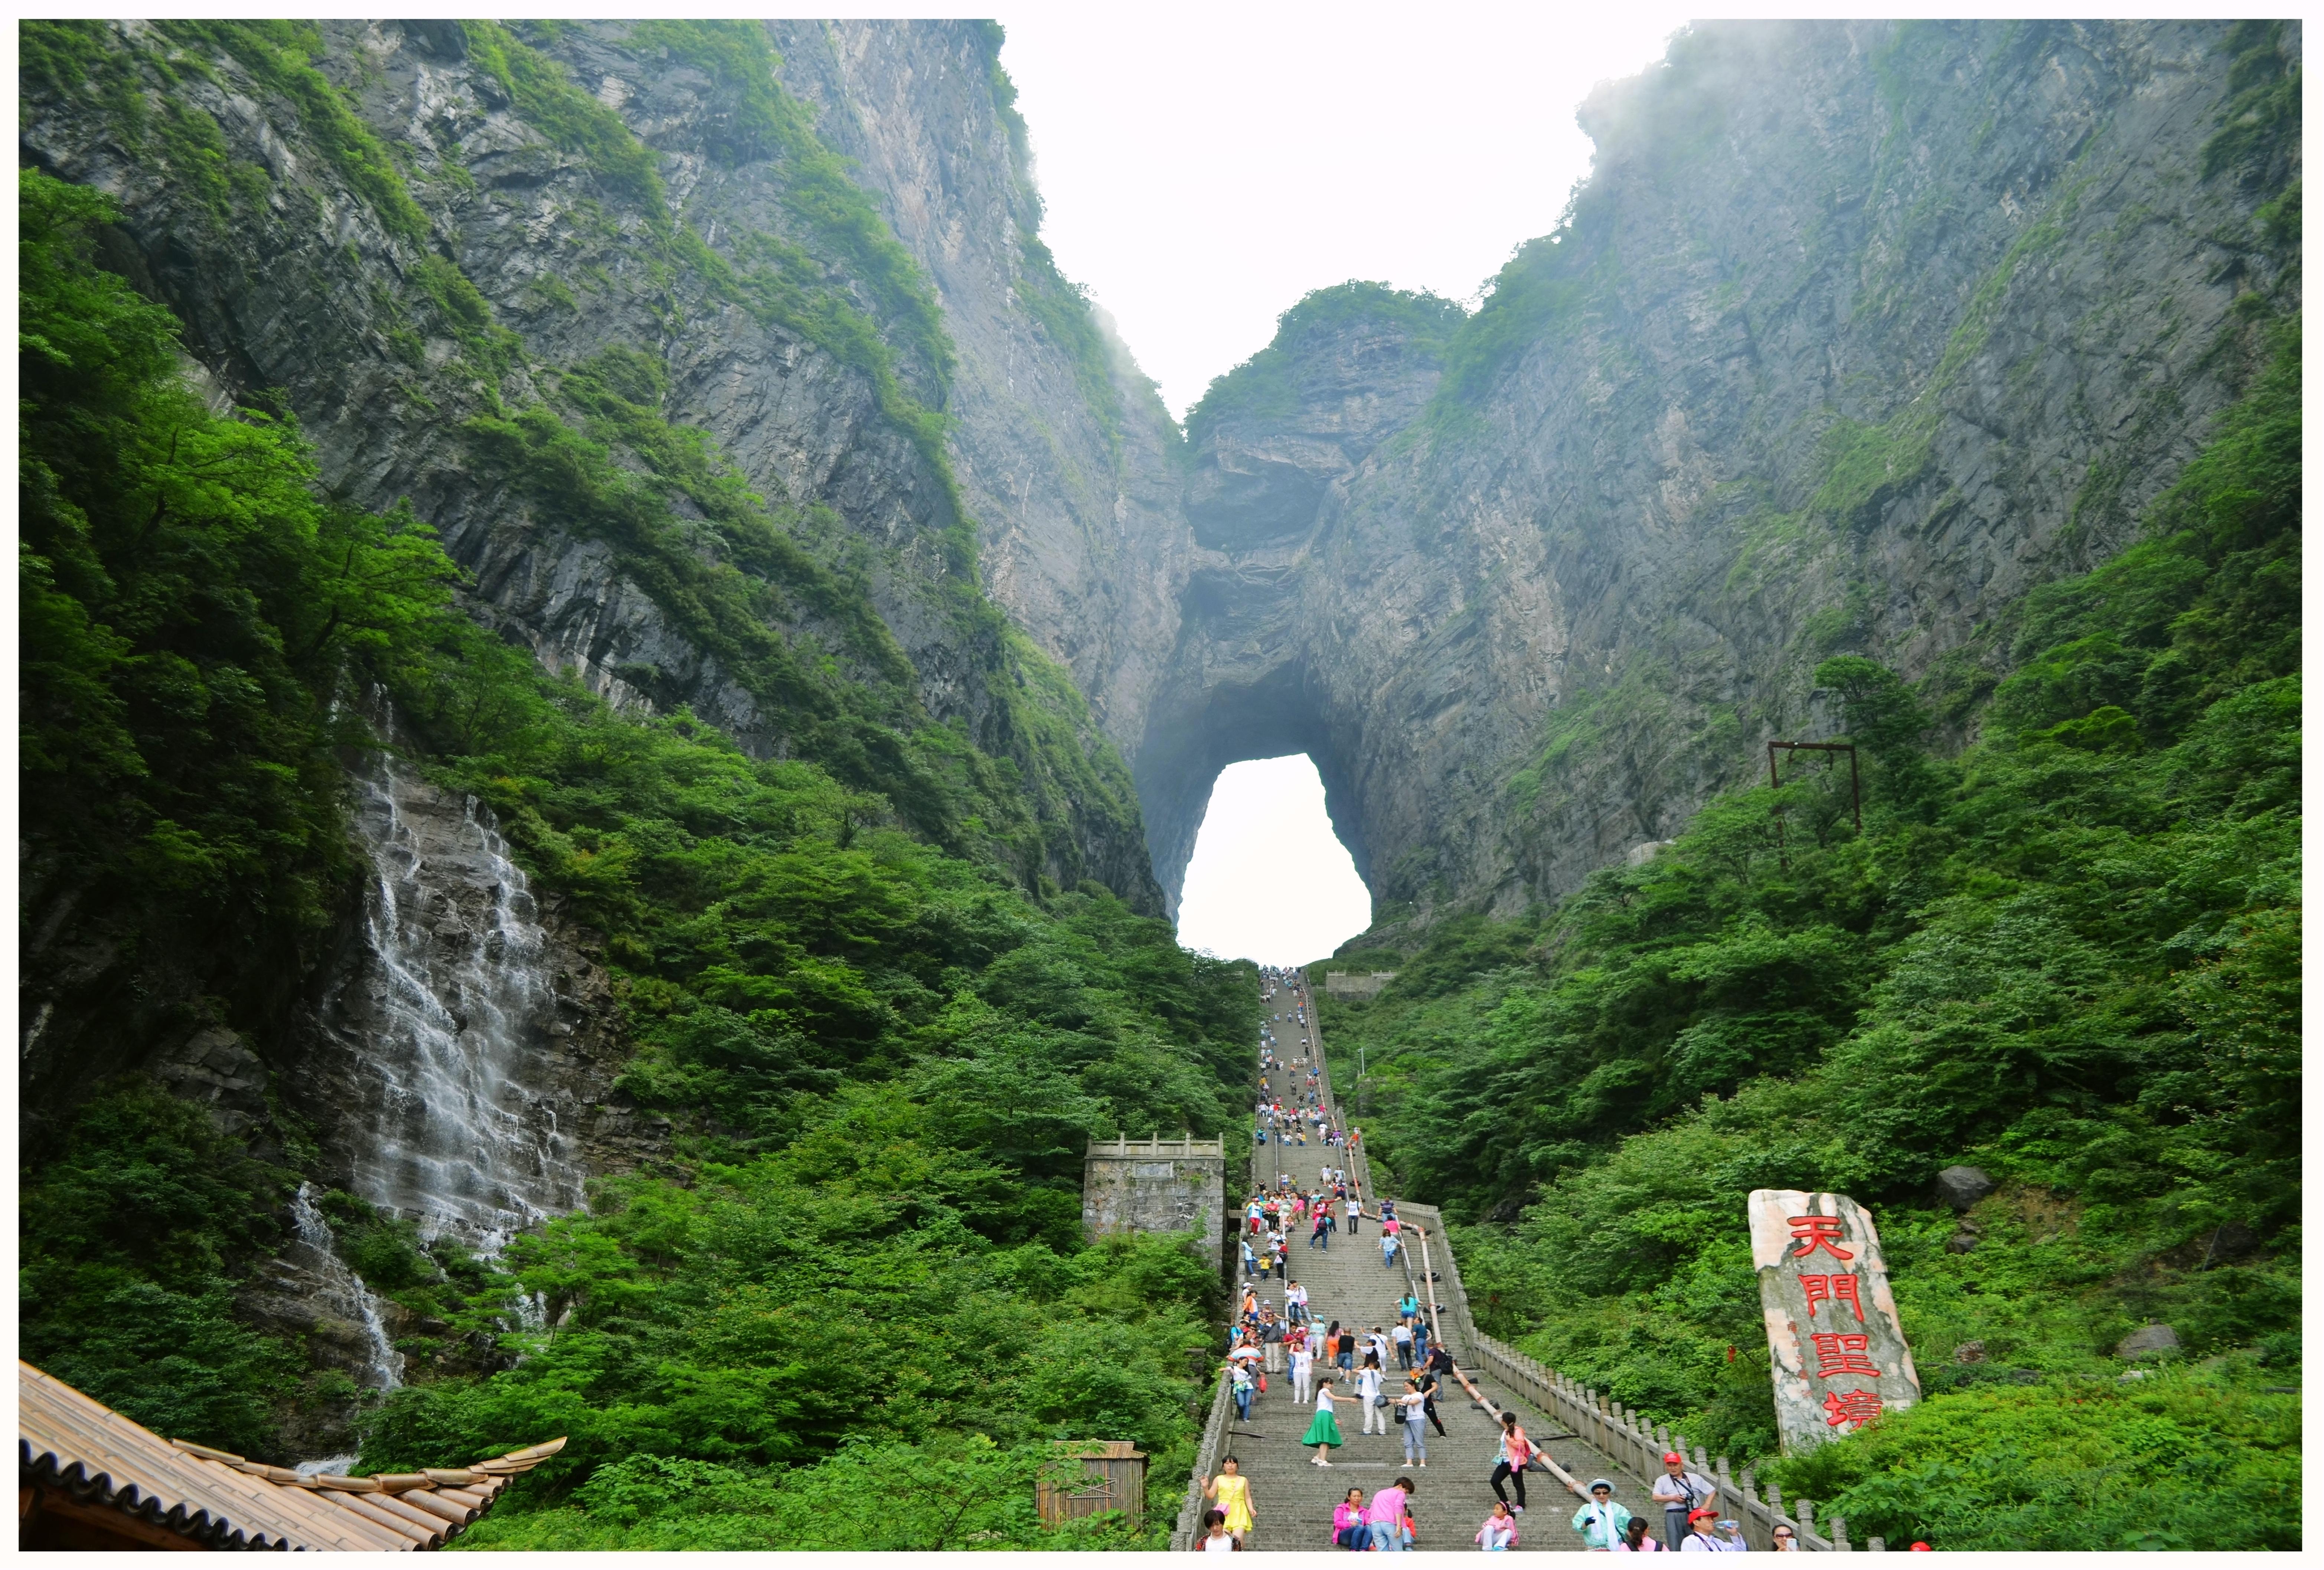 ทัวร์จีน-จางเจียเจี้ย-ฟ่งหวง-สะพานแก้ว-ถ้ำมังกรเหลือง-6-วัน-5-คืน-(MAY-JUL-17)